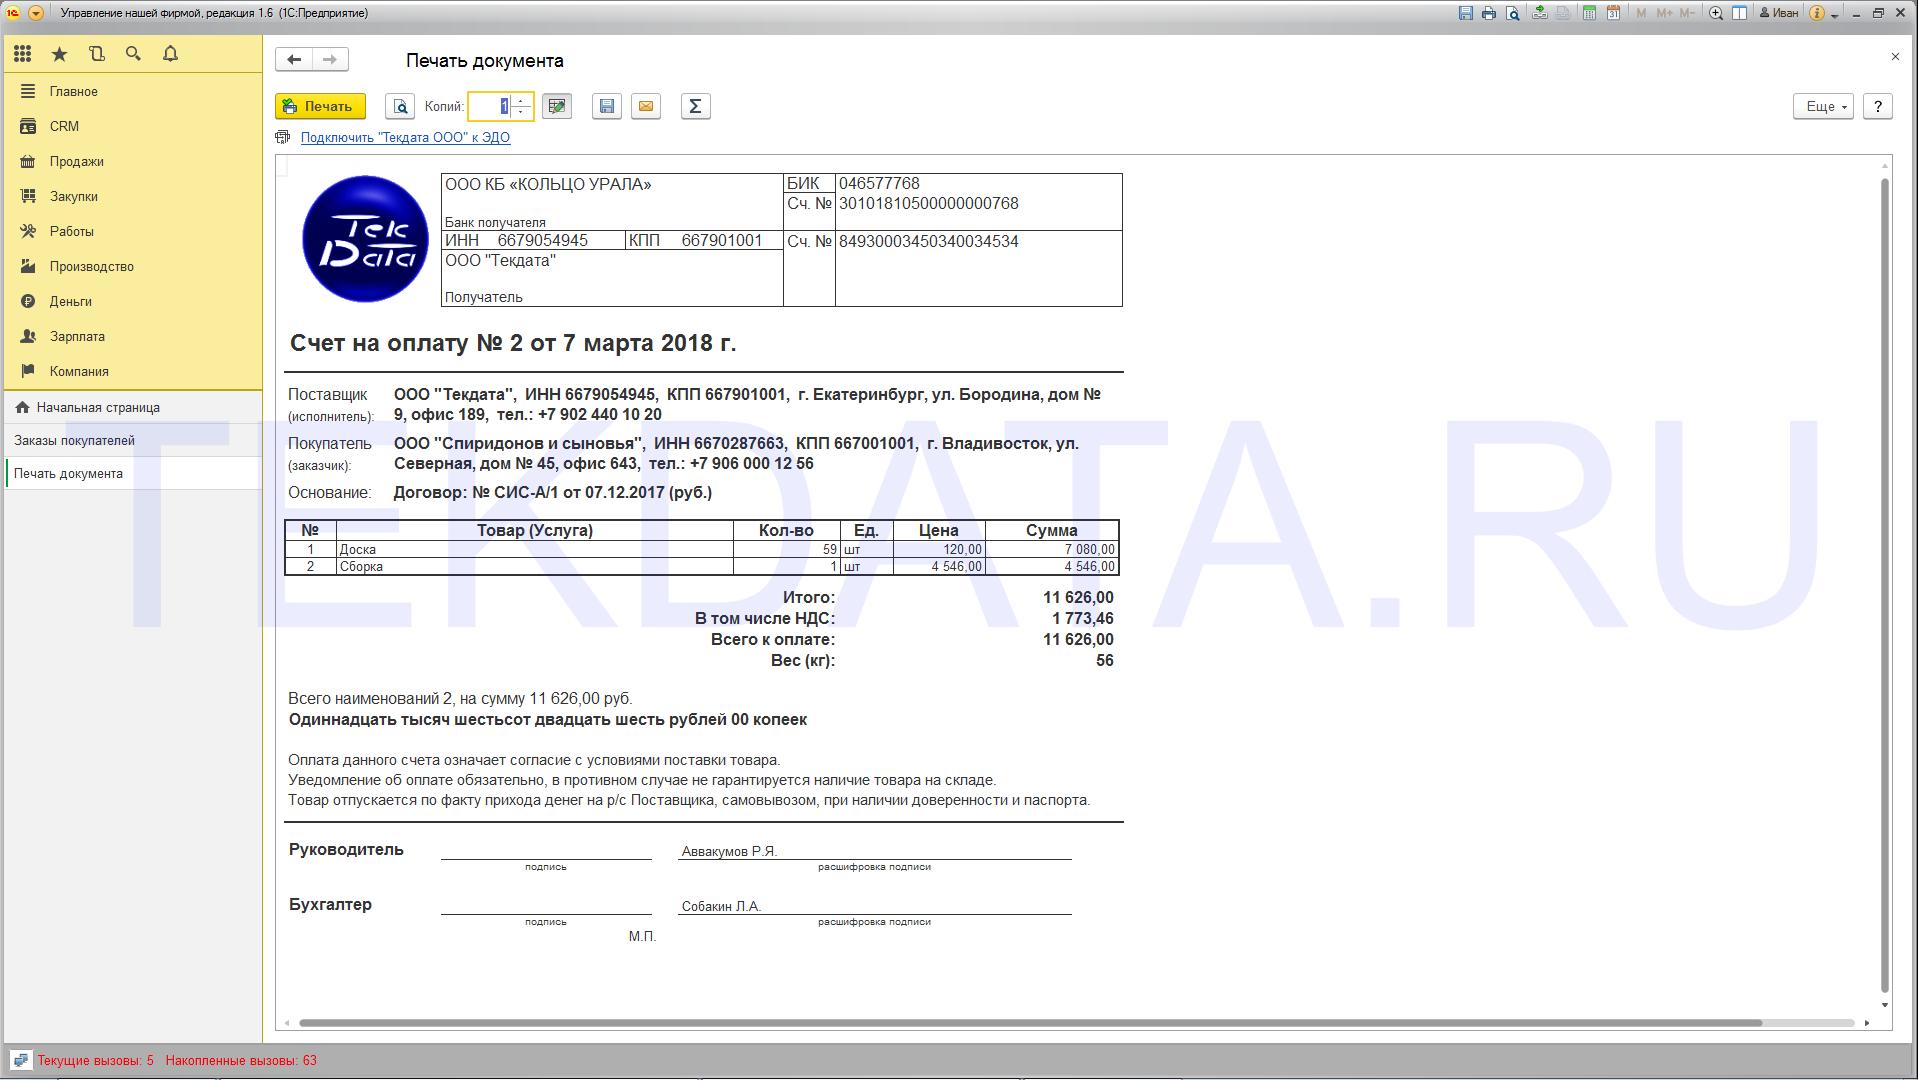 Счет на оплату для документов <em>Счет на оплату</em> и <em>Заказ покупателя</em> для 1С УНФ 1.6 (внешняя печатная форма)